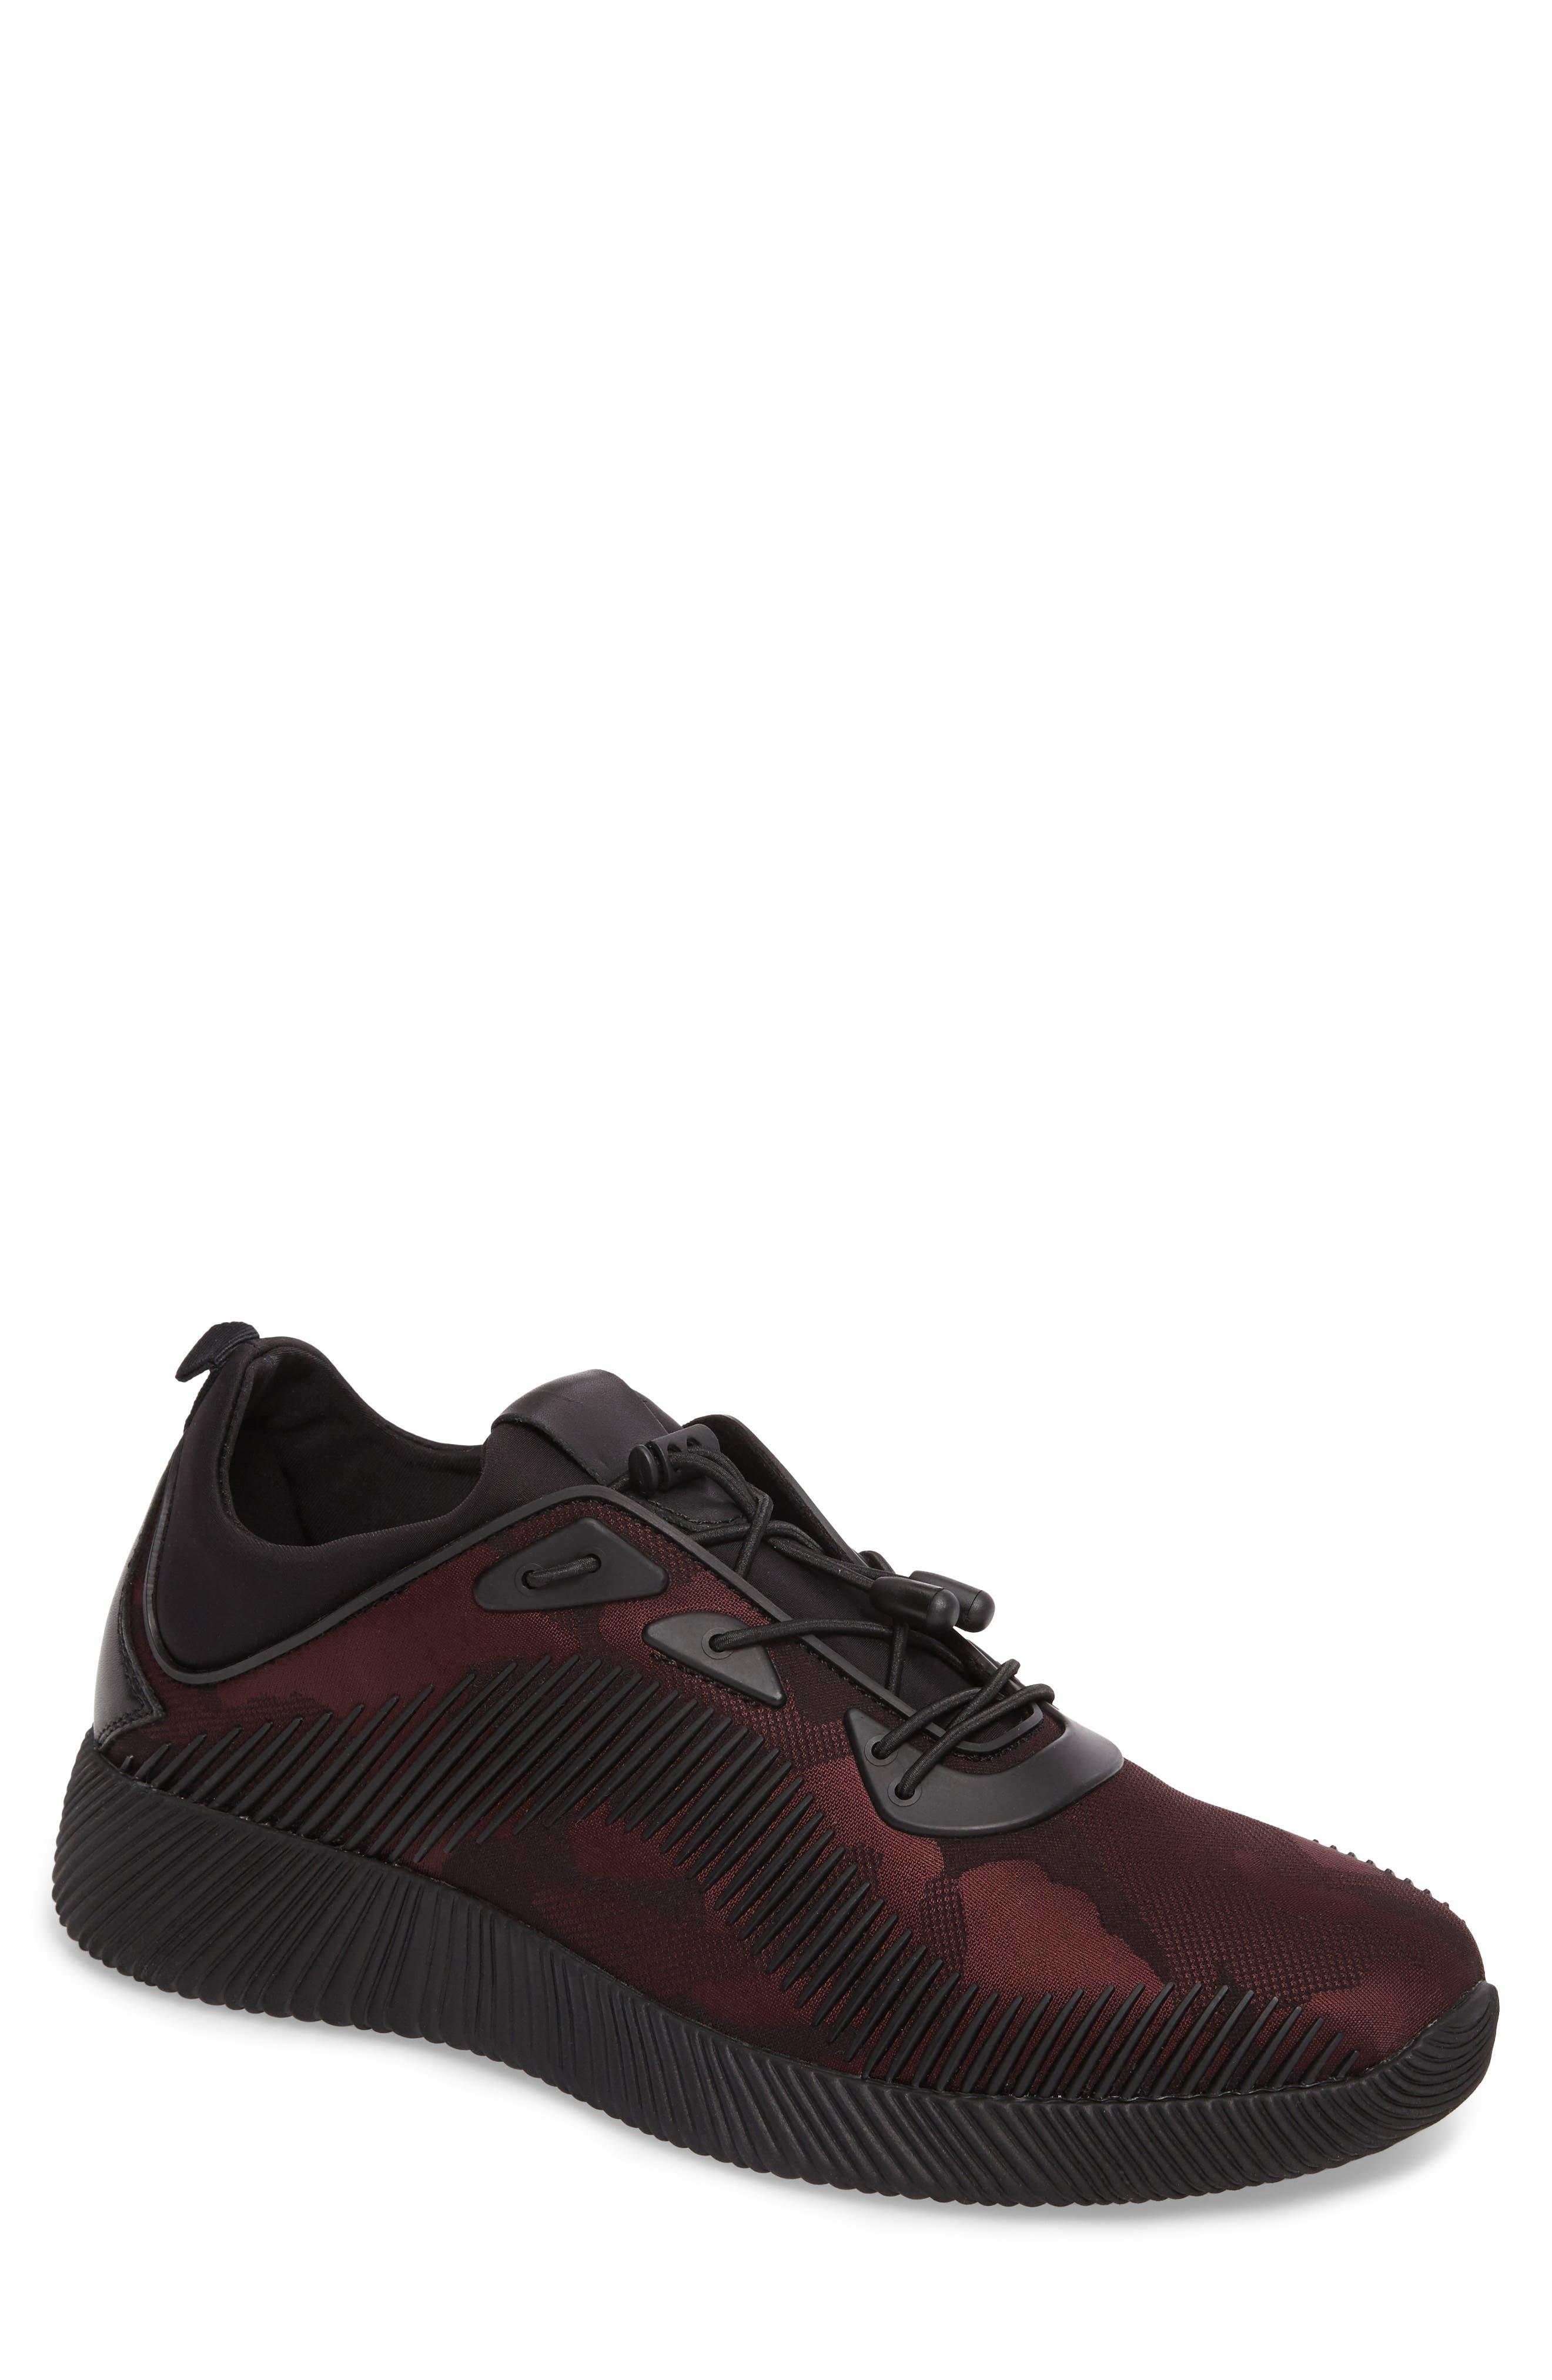 Sinch Sneaker,                             Main thumbnail 1, color,                             Bordeaux Fabric